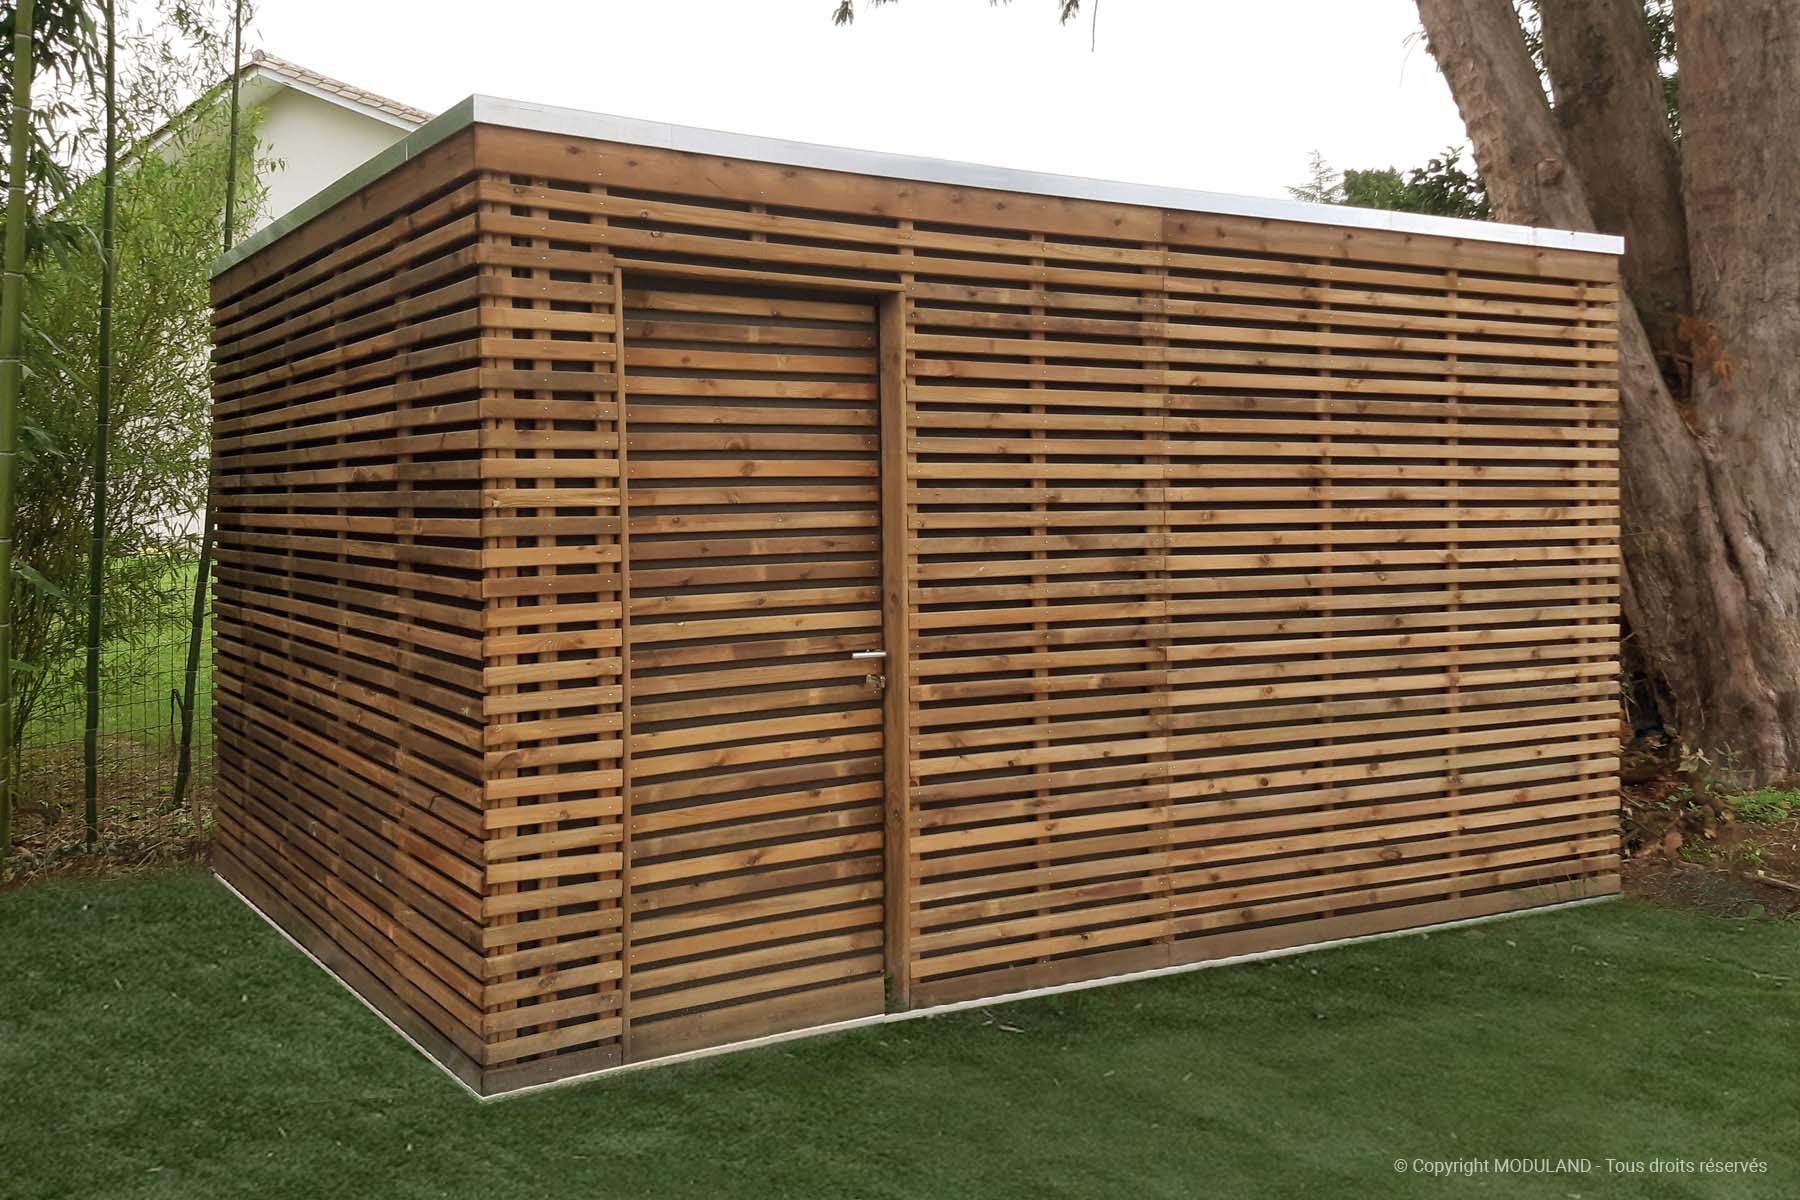 Fabricant D'abris Et Structures Bois Sur Mesure | Moduland à Fabricant Abri De Jardin